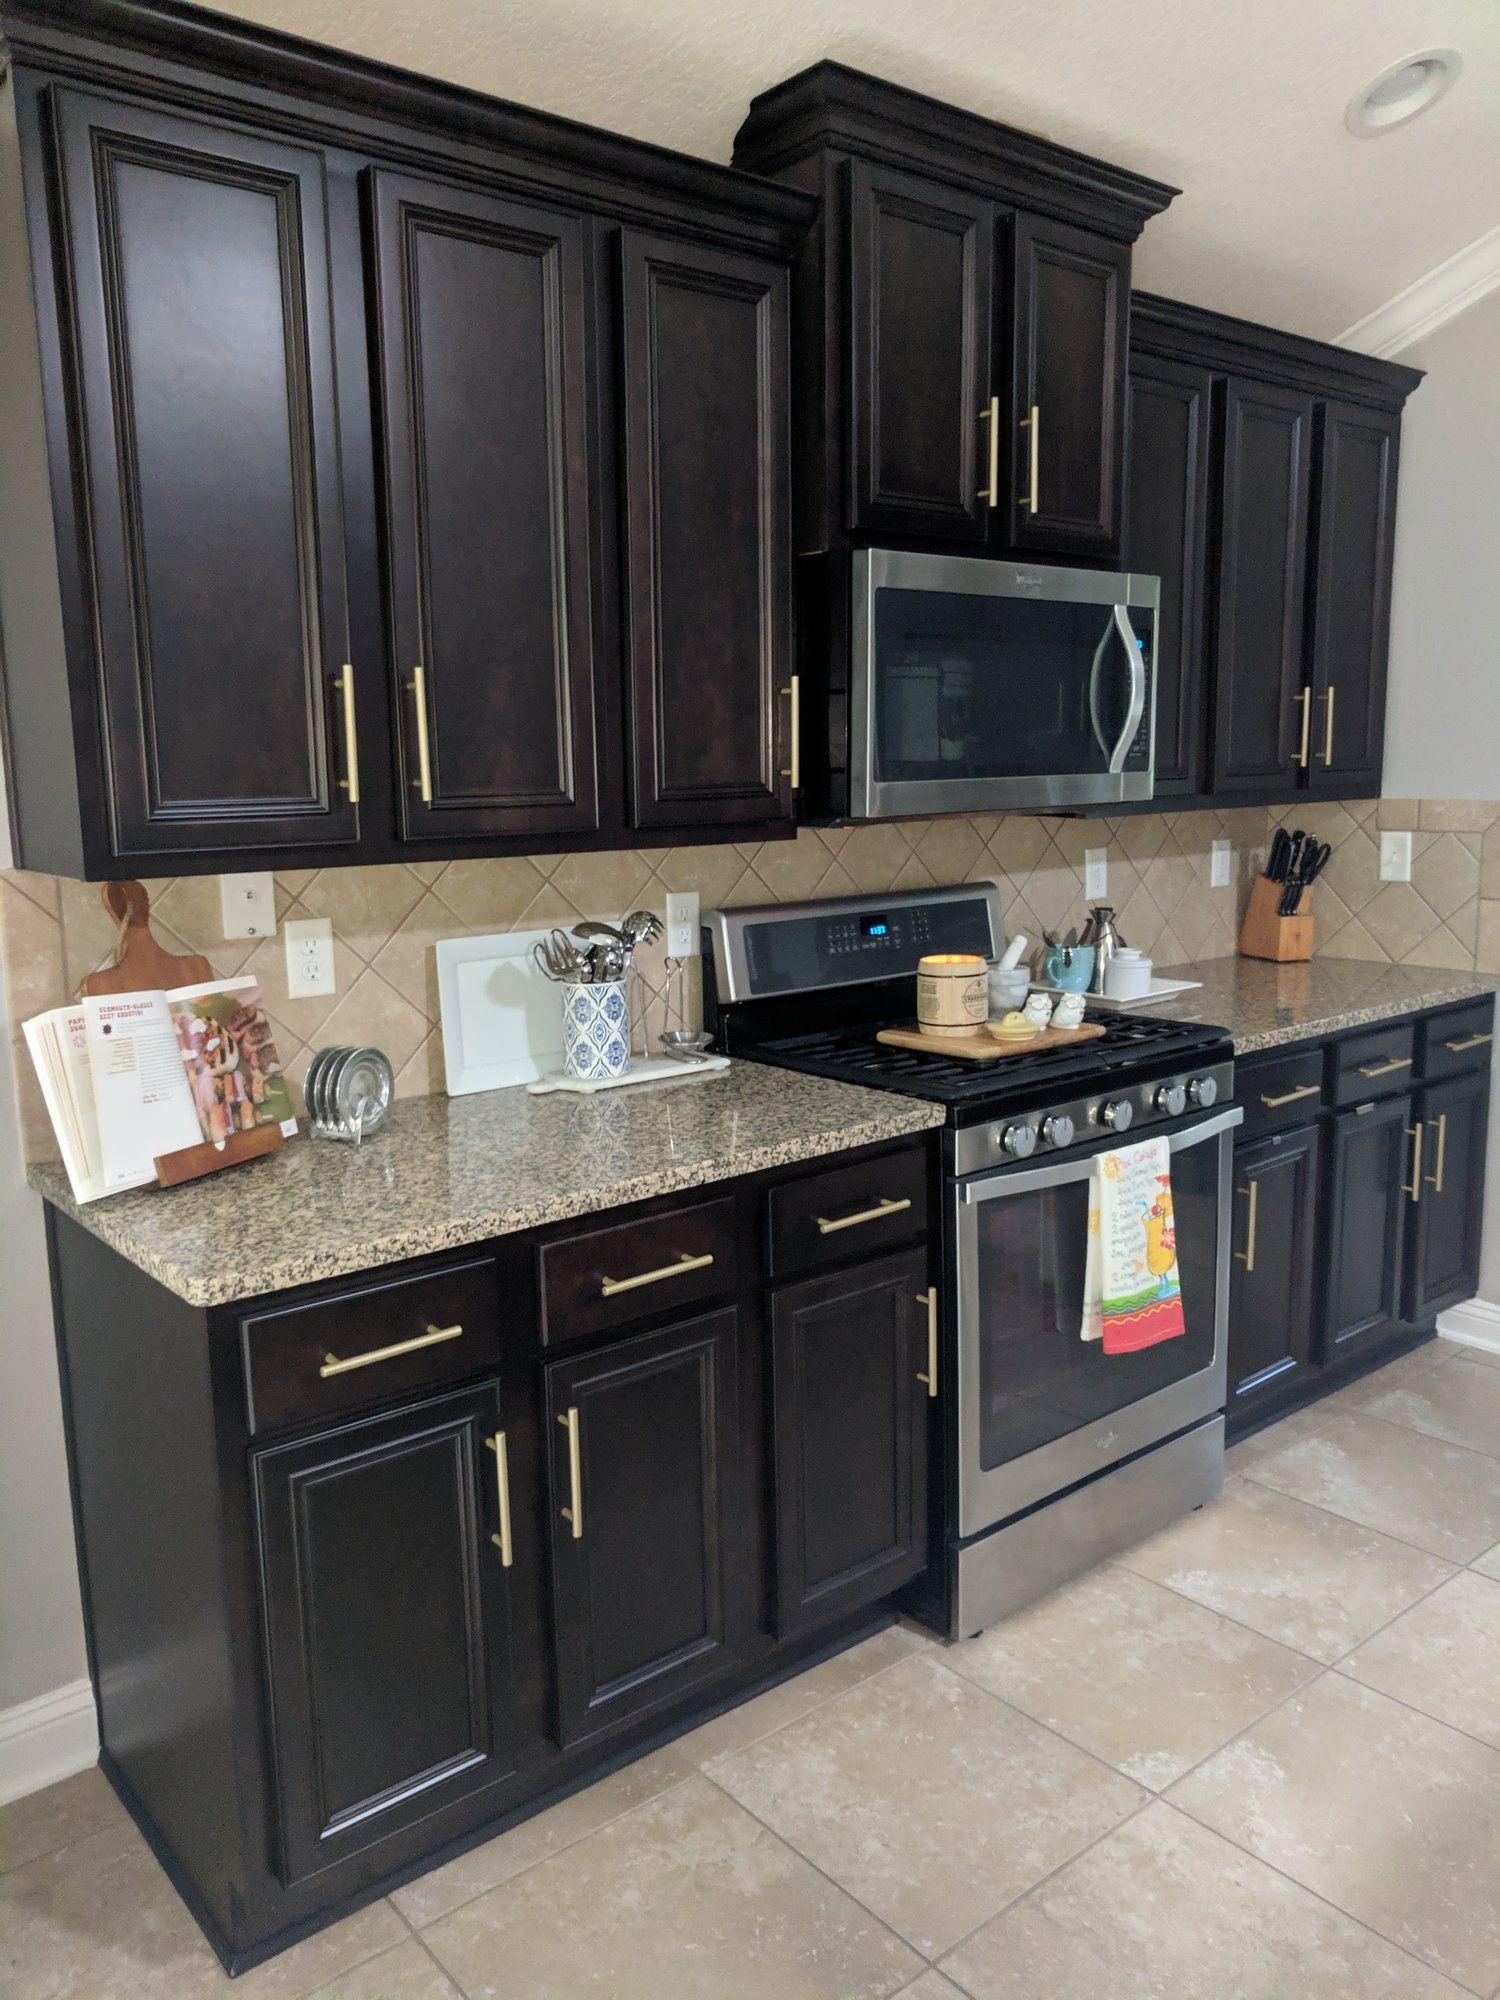 Best Five Simple Ways To Keep Your Kitchen Clean Kitchen Diy 400 x 300